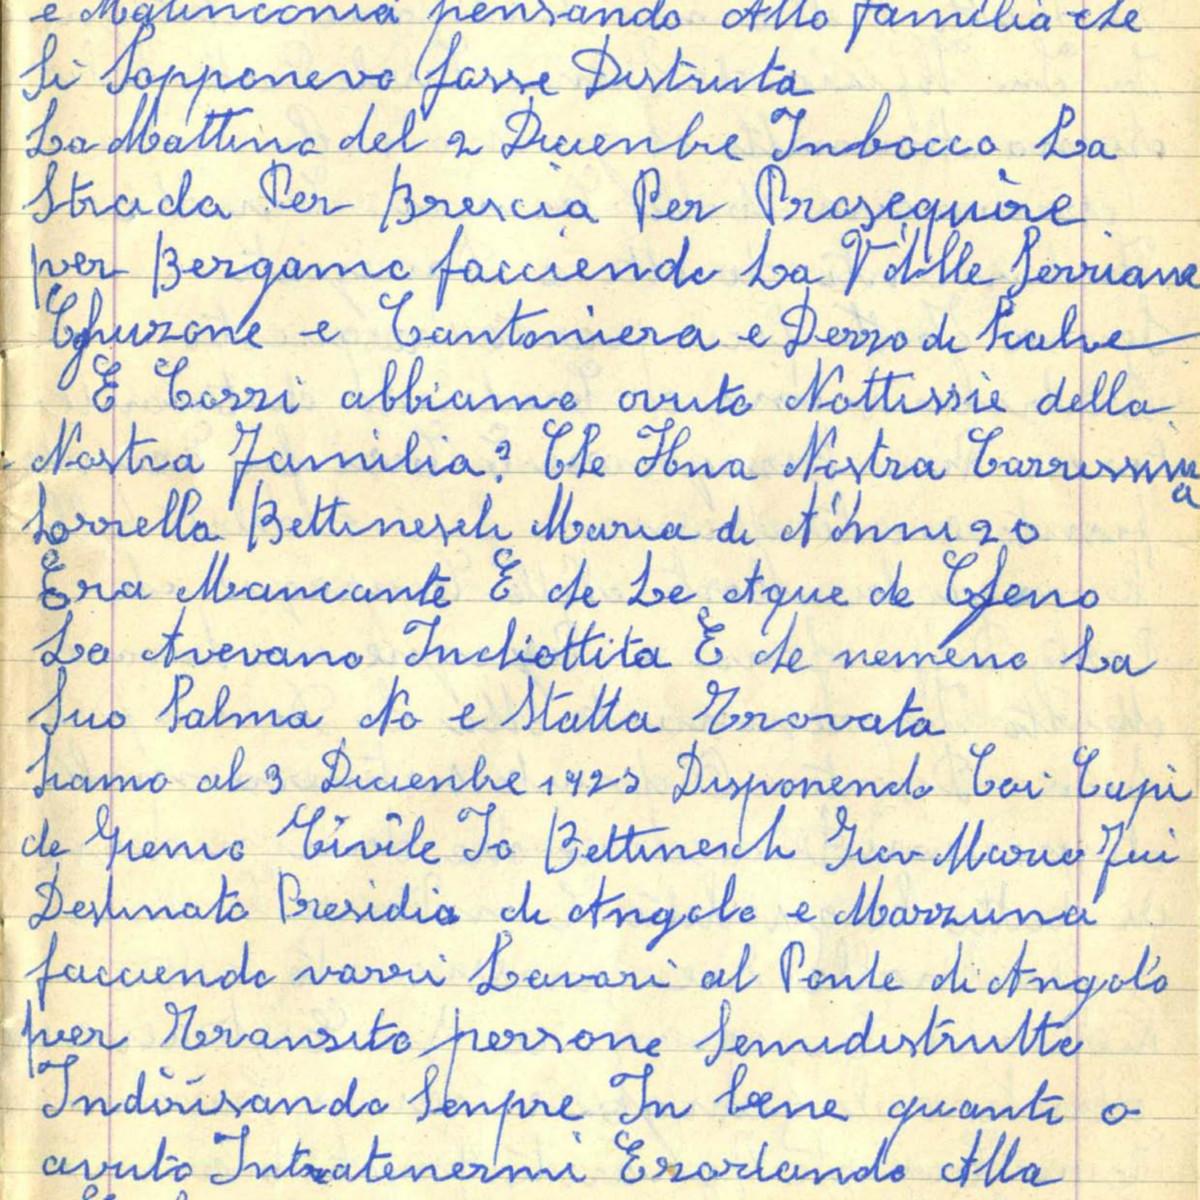 Lettera di Bettineschi Giovanmaria di Tomaso_05